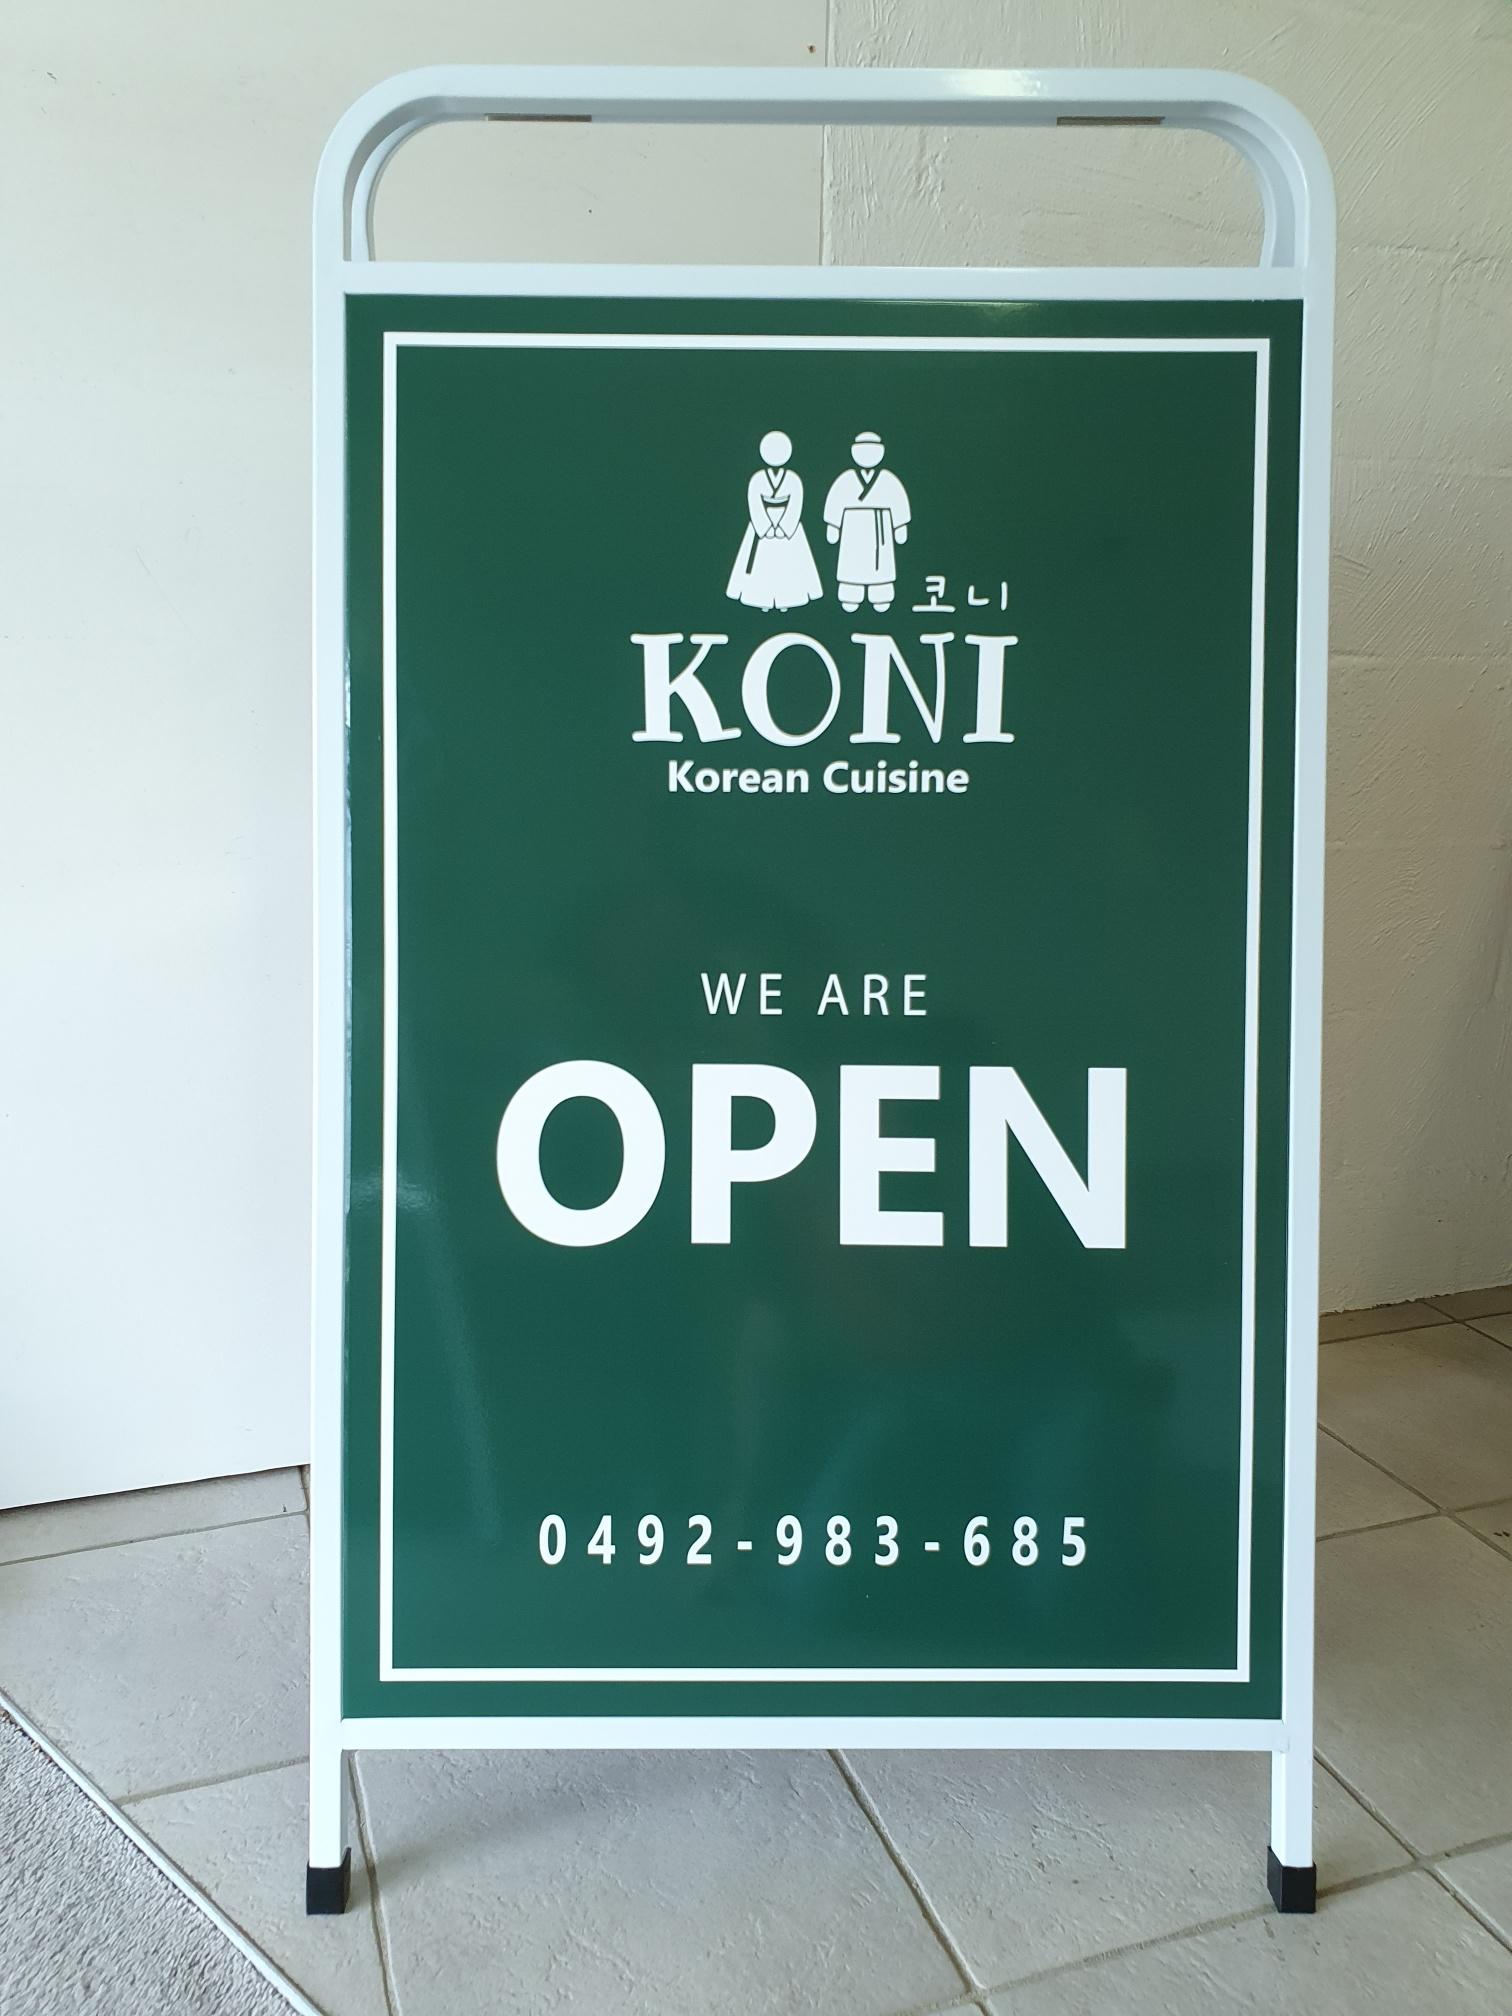 AOK Signs - Koni